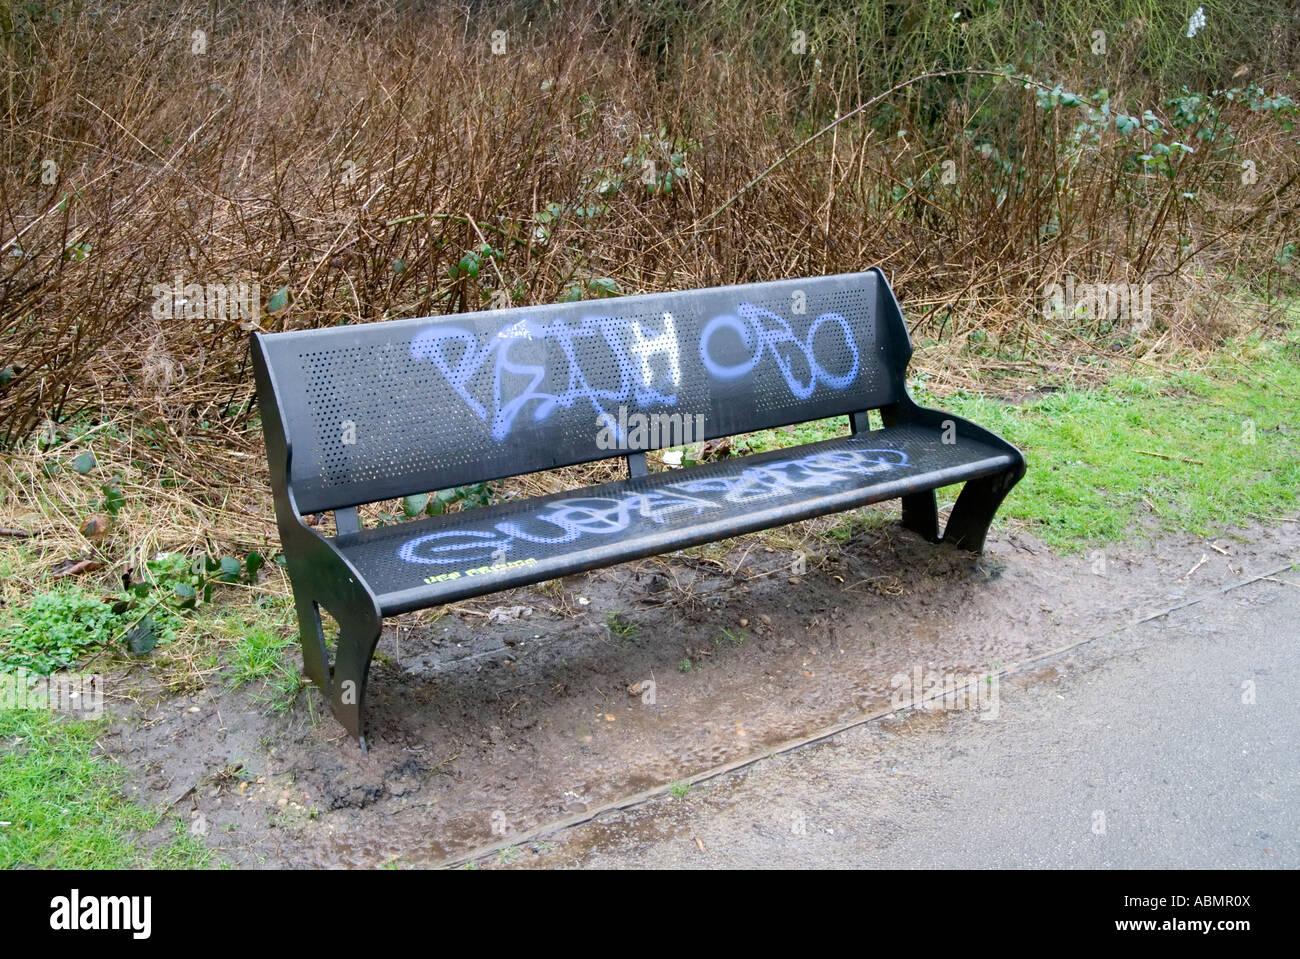 Graffiti sur un banc en métal à côté de la rivière chemin rea Banque D'Images